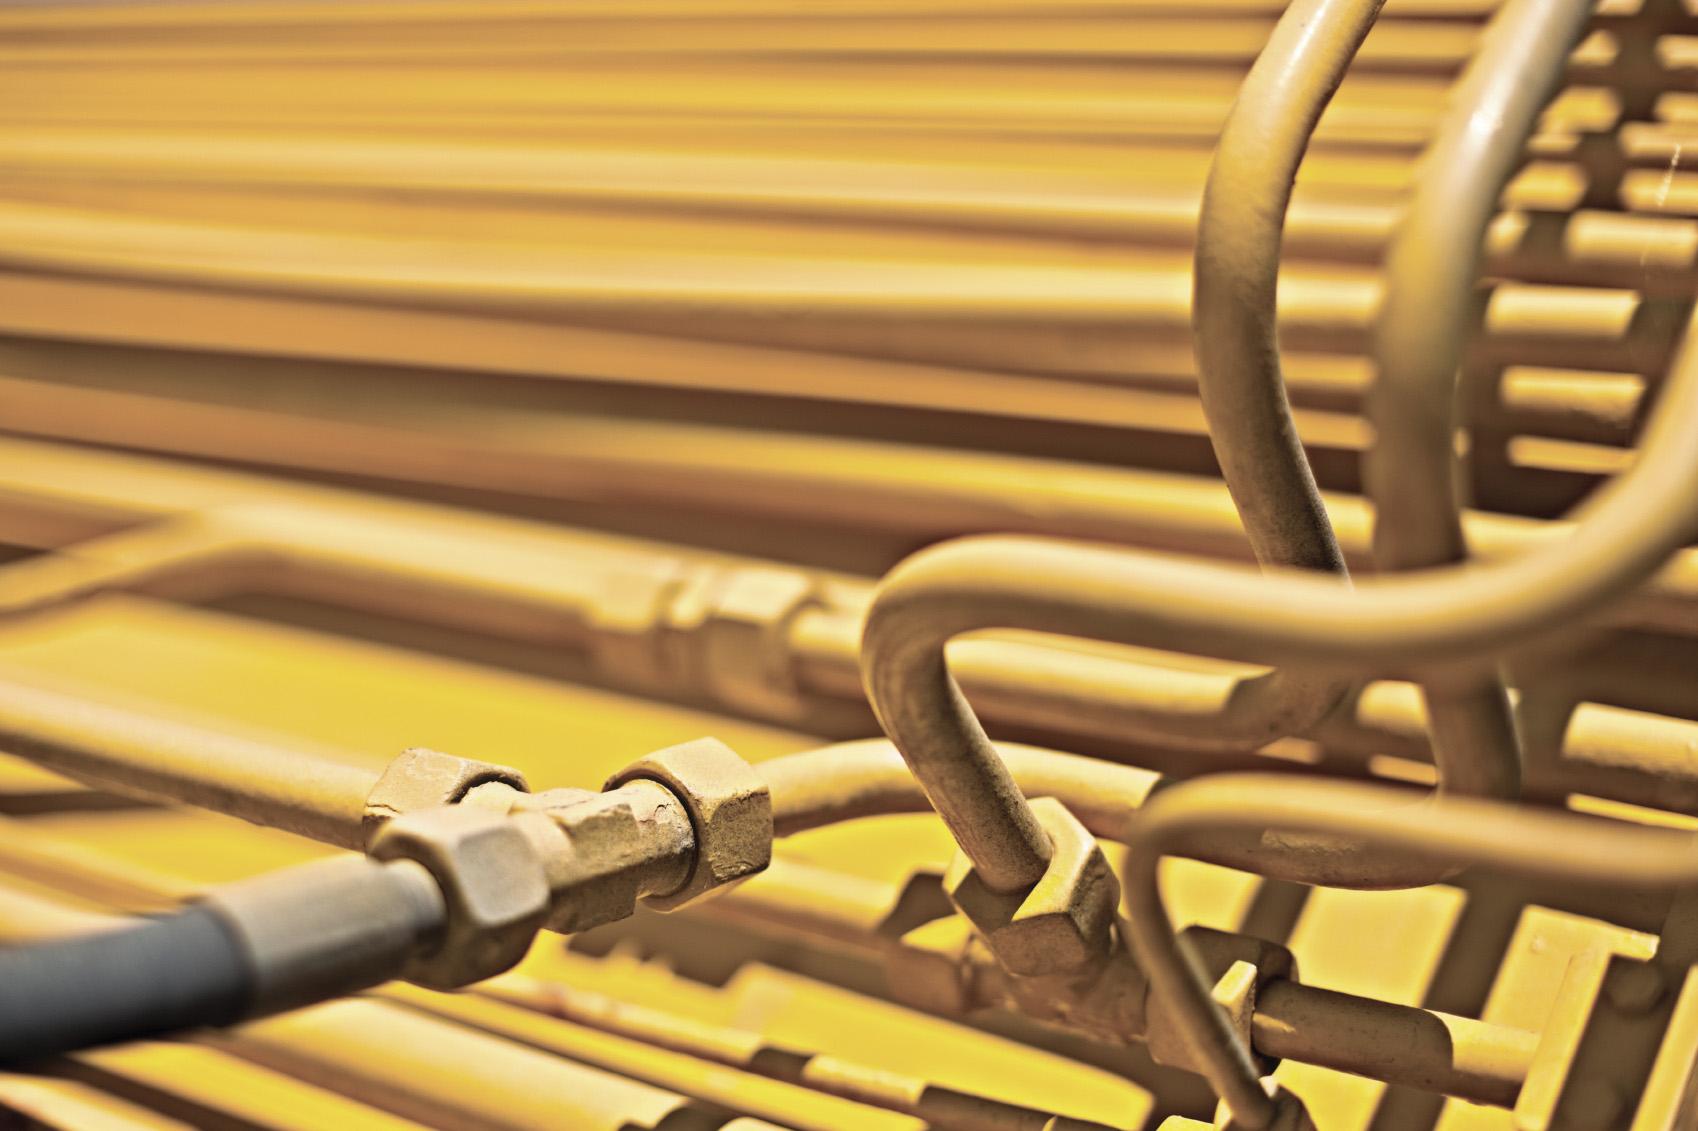 Hydraulic Tubing